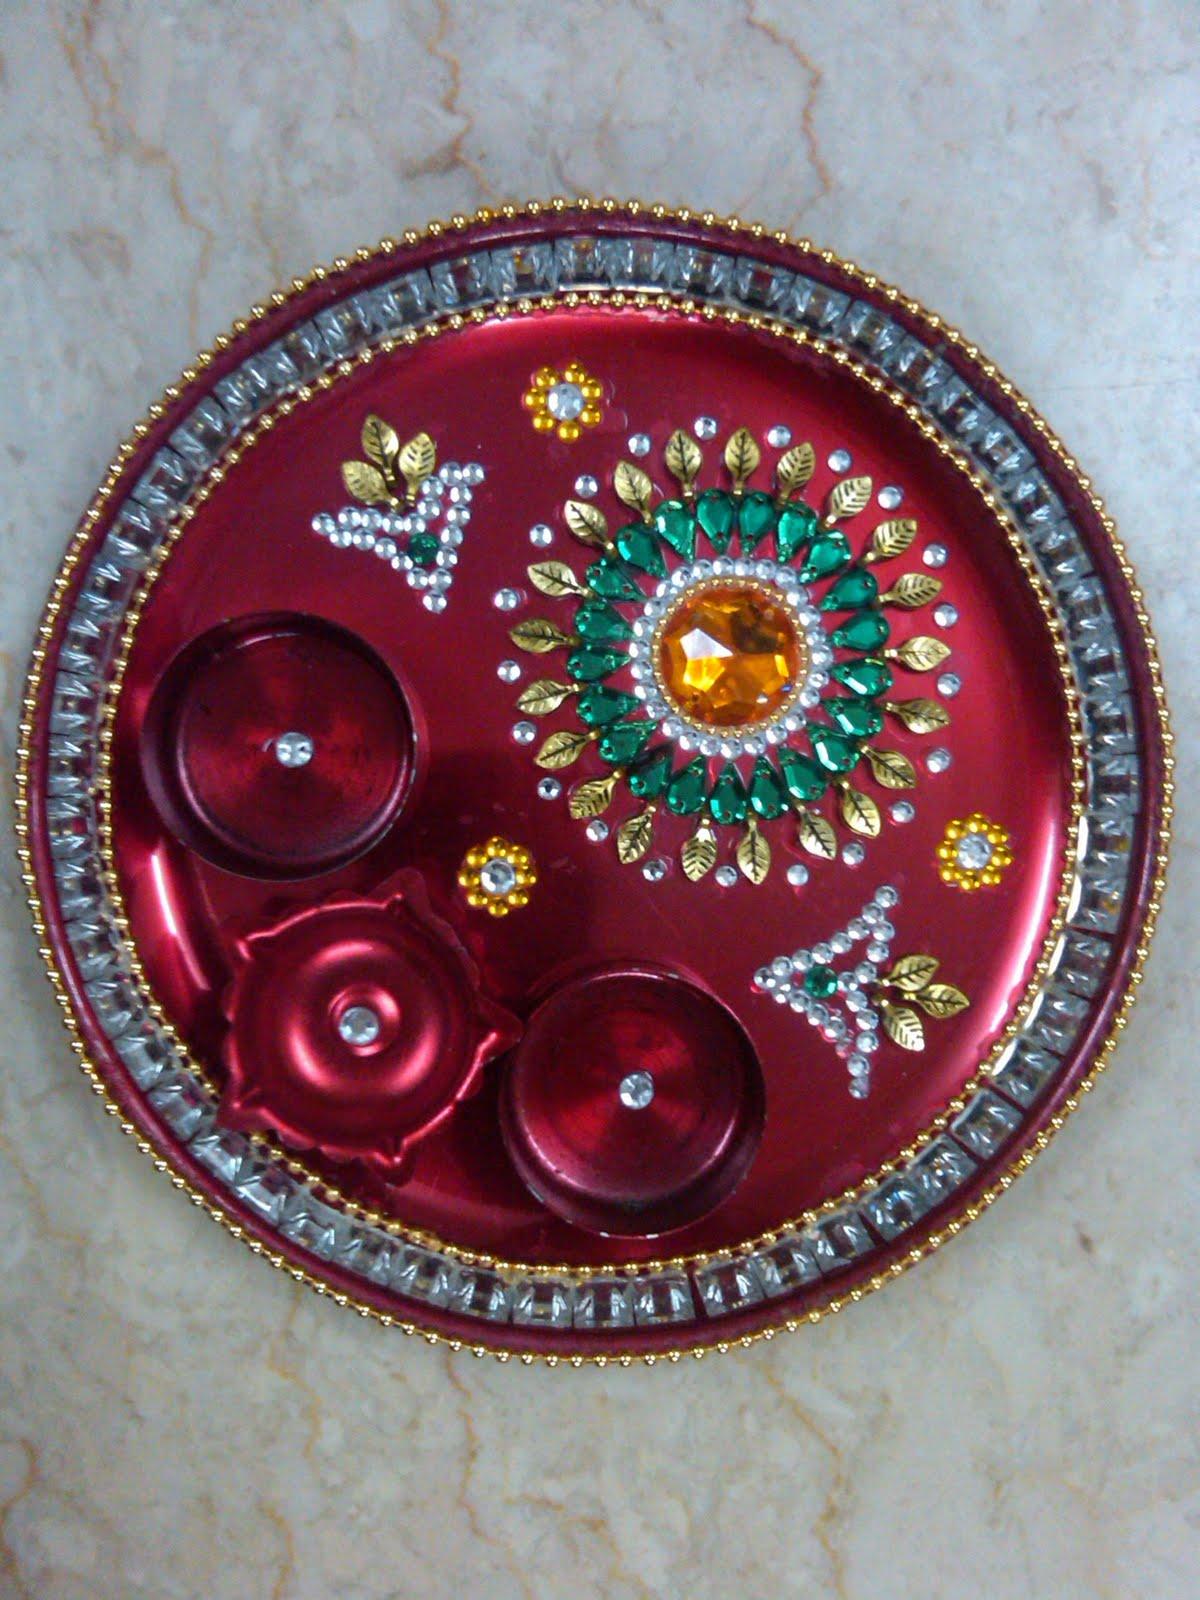 Ranjana arts ranjanaarts aarti thali pooja thali raksha aarti thali pooja thali raksha bandhan aarti thali thali pooja thali puja thali wedding aarti thali pokwani thali decorative thali decorated thali n junglespirit Gallery